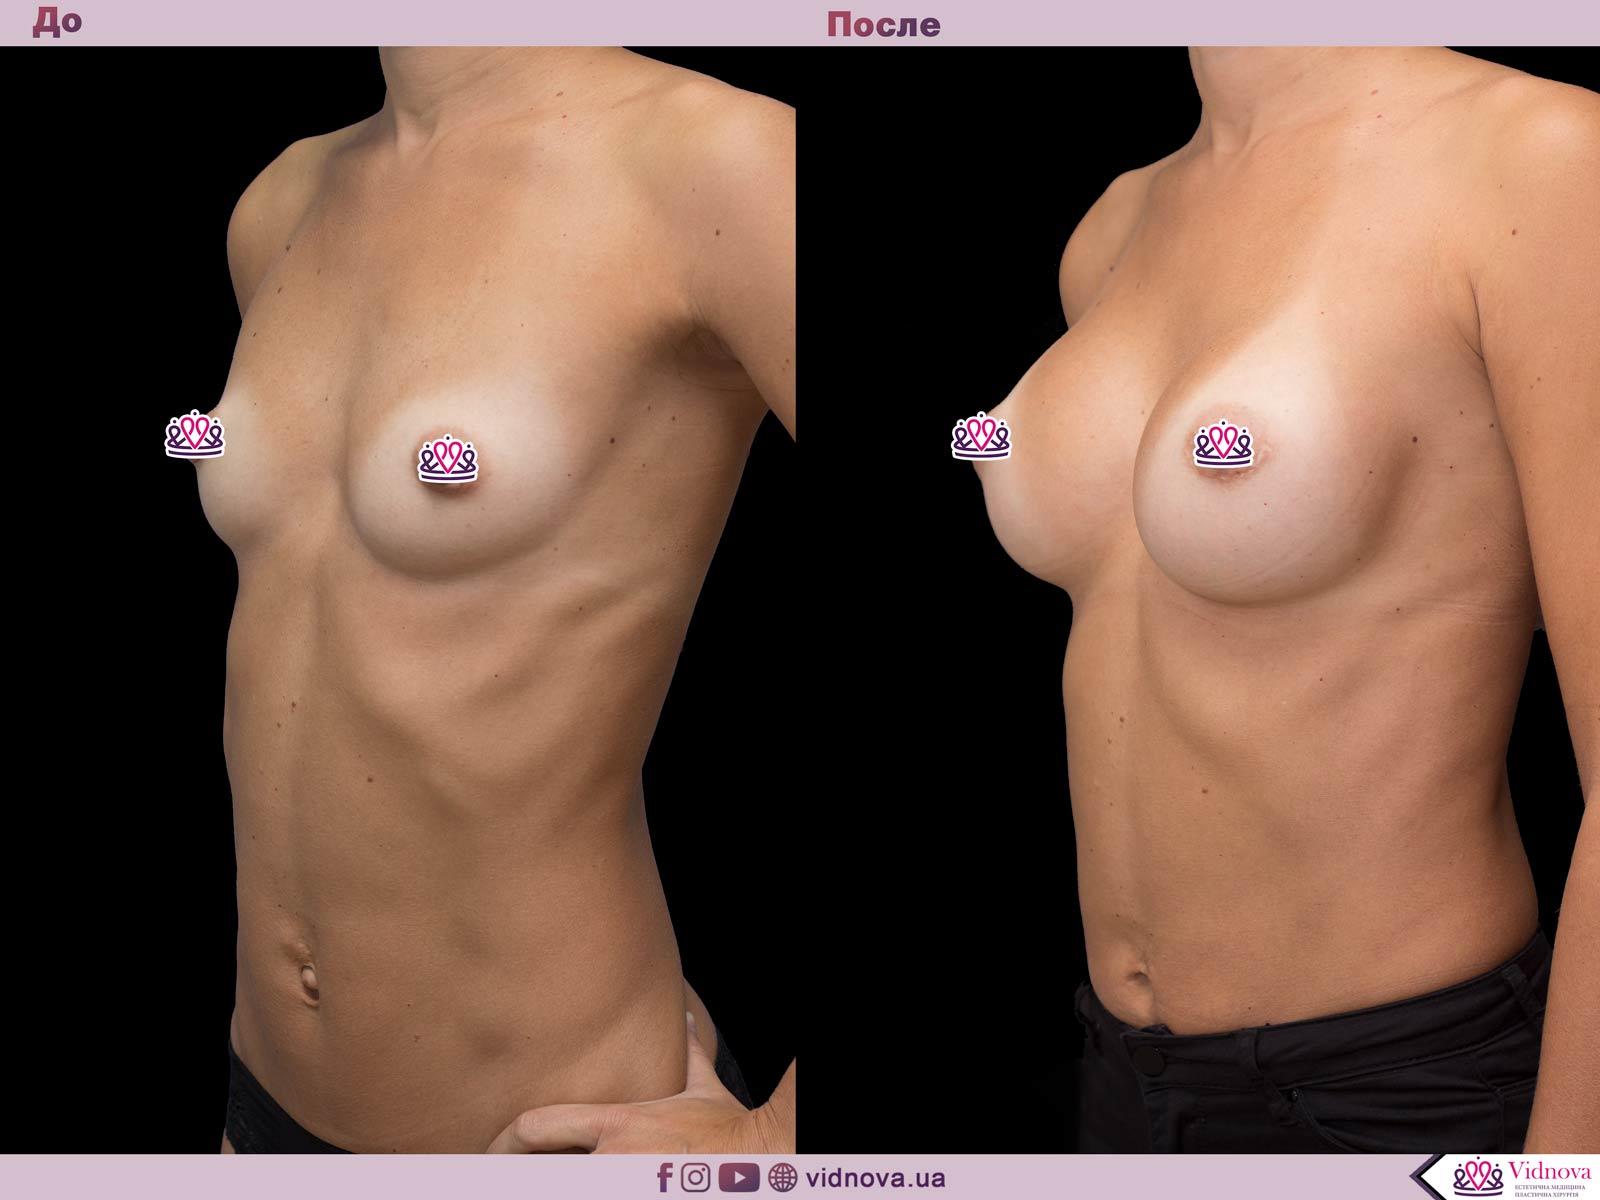 Пластика груди: результаты до и после - Пример №55-1 - Светлана Работенко